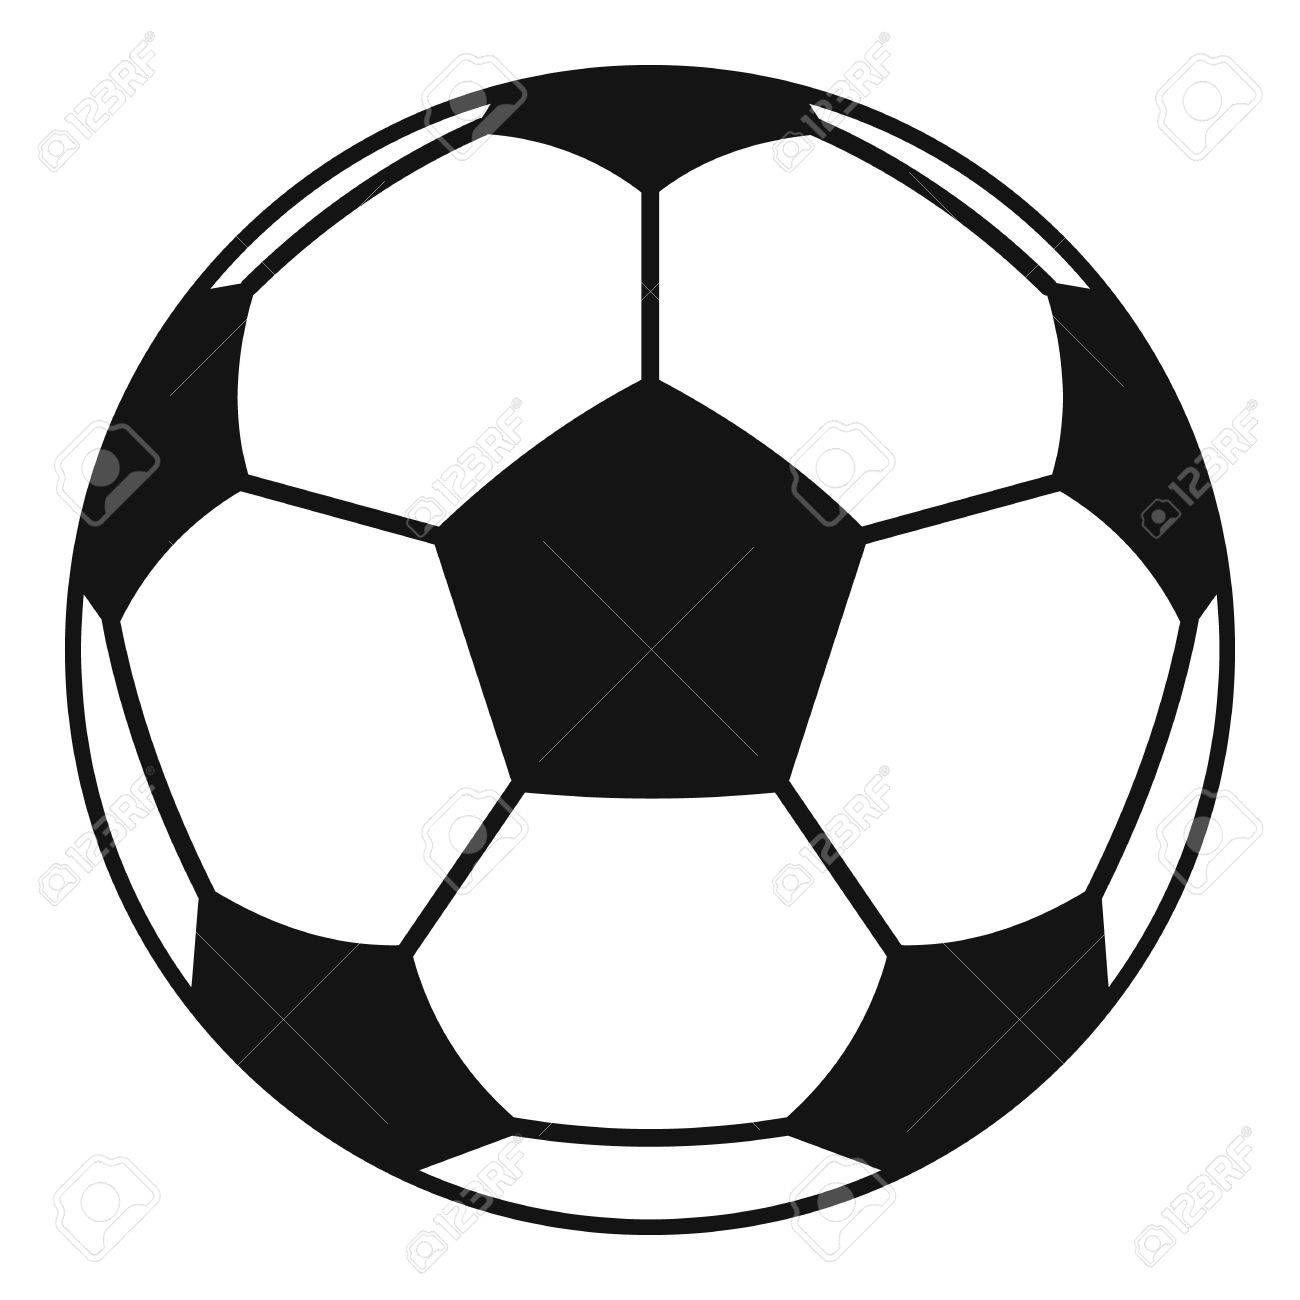 Icono De Balon De Futbol O Futbol Ilustracion Simple De Icono De Vector De Futbol O Balon De Futbol Para Web Balones De Futbol Dibujo Balon De Futbol Futbol Frases De